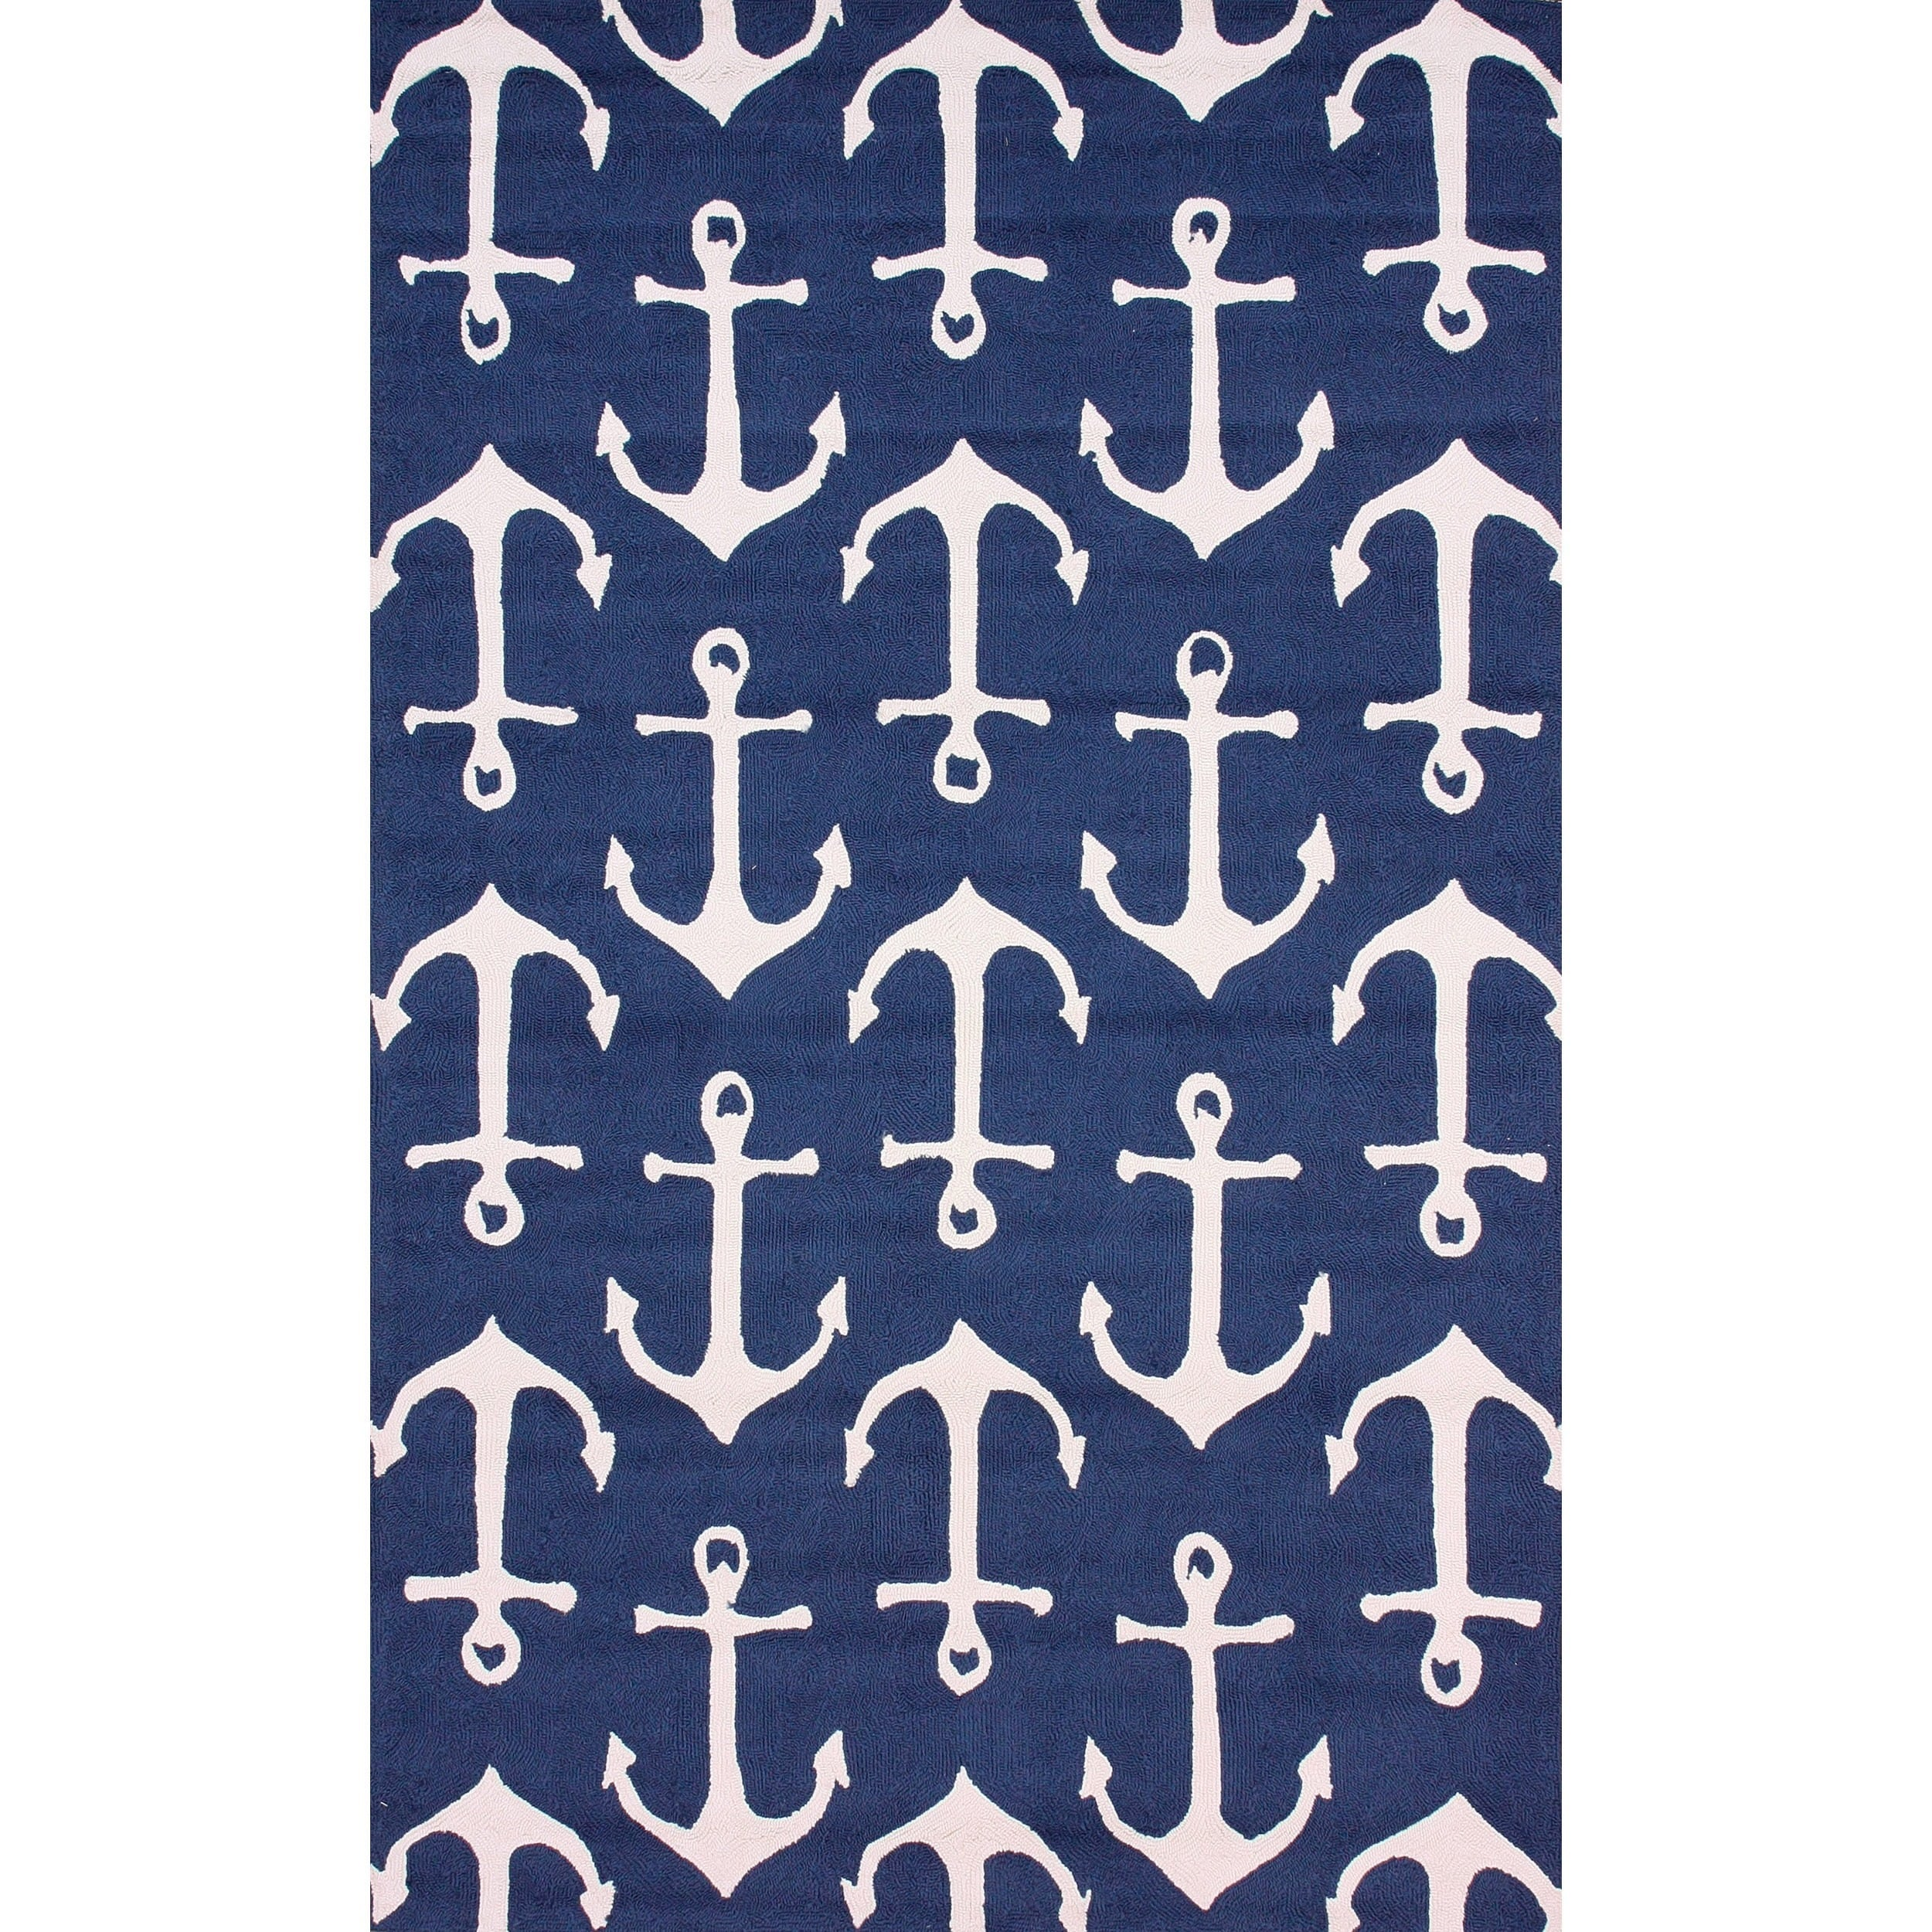 nuLOOM Indoor Outdoor Novelty Nautical Anchors Rug 5 x 8